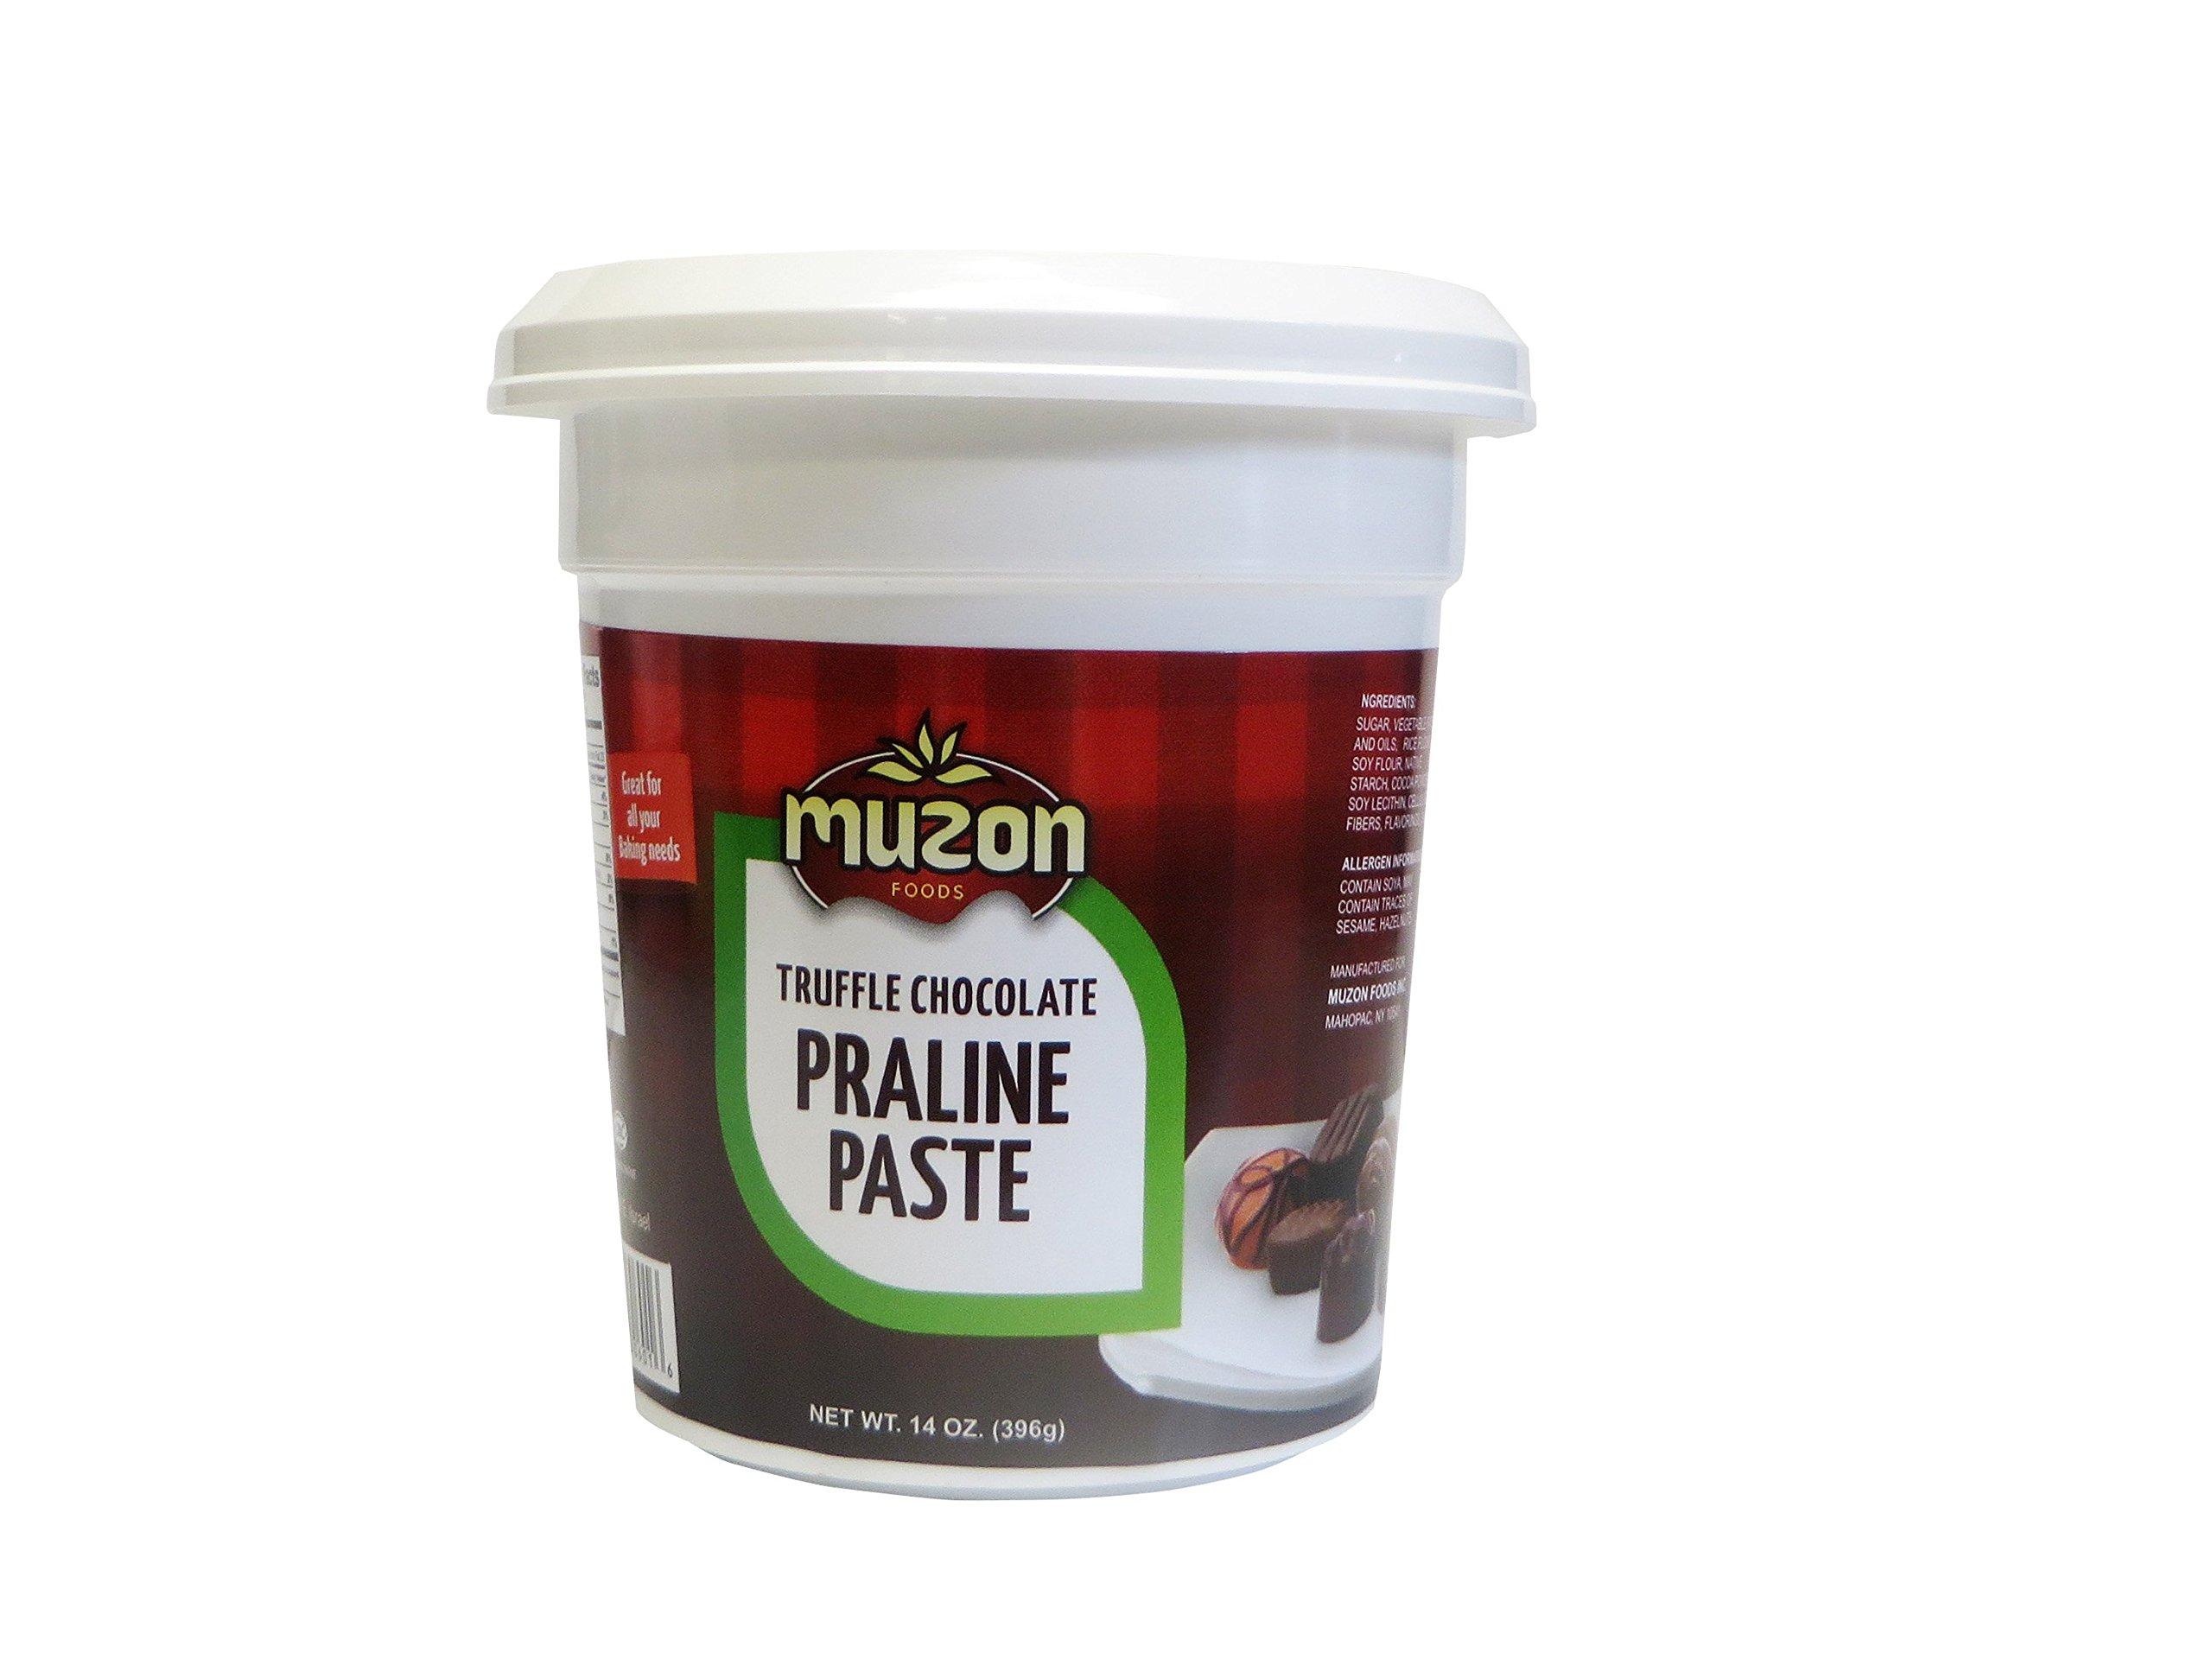 Hazelnut Praline, Truffle Choclate Praline Paste, 14 Oz